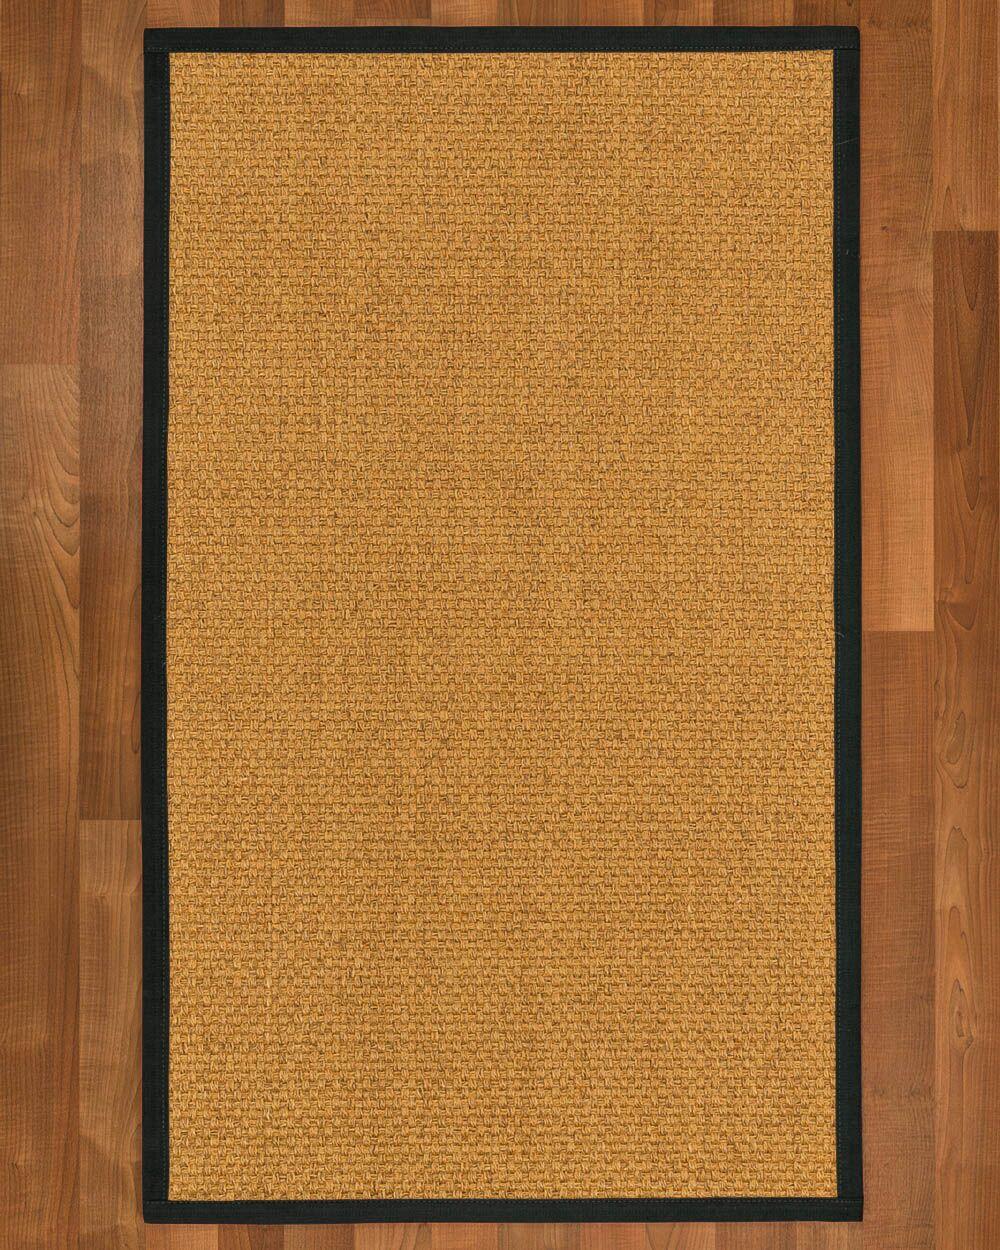 Andlau Hand Woven Brown Area Rug Rug Size: Rectangle 9' x 12'